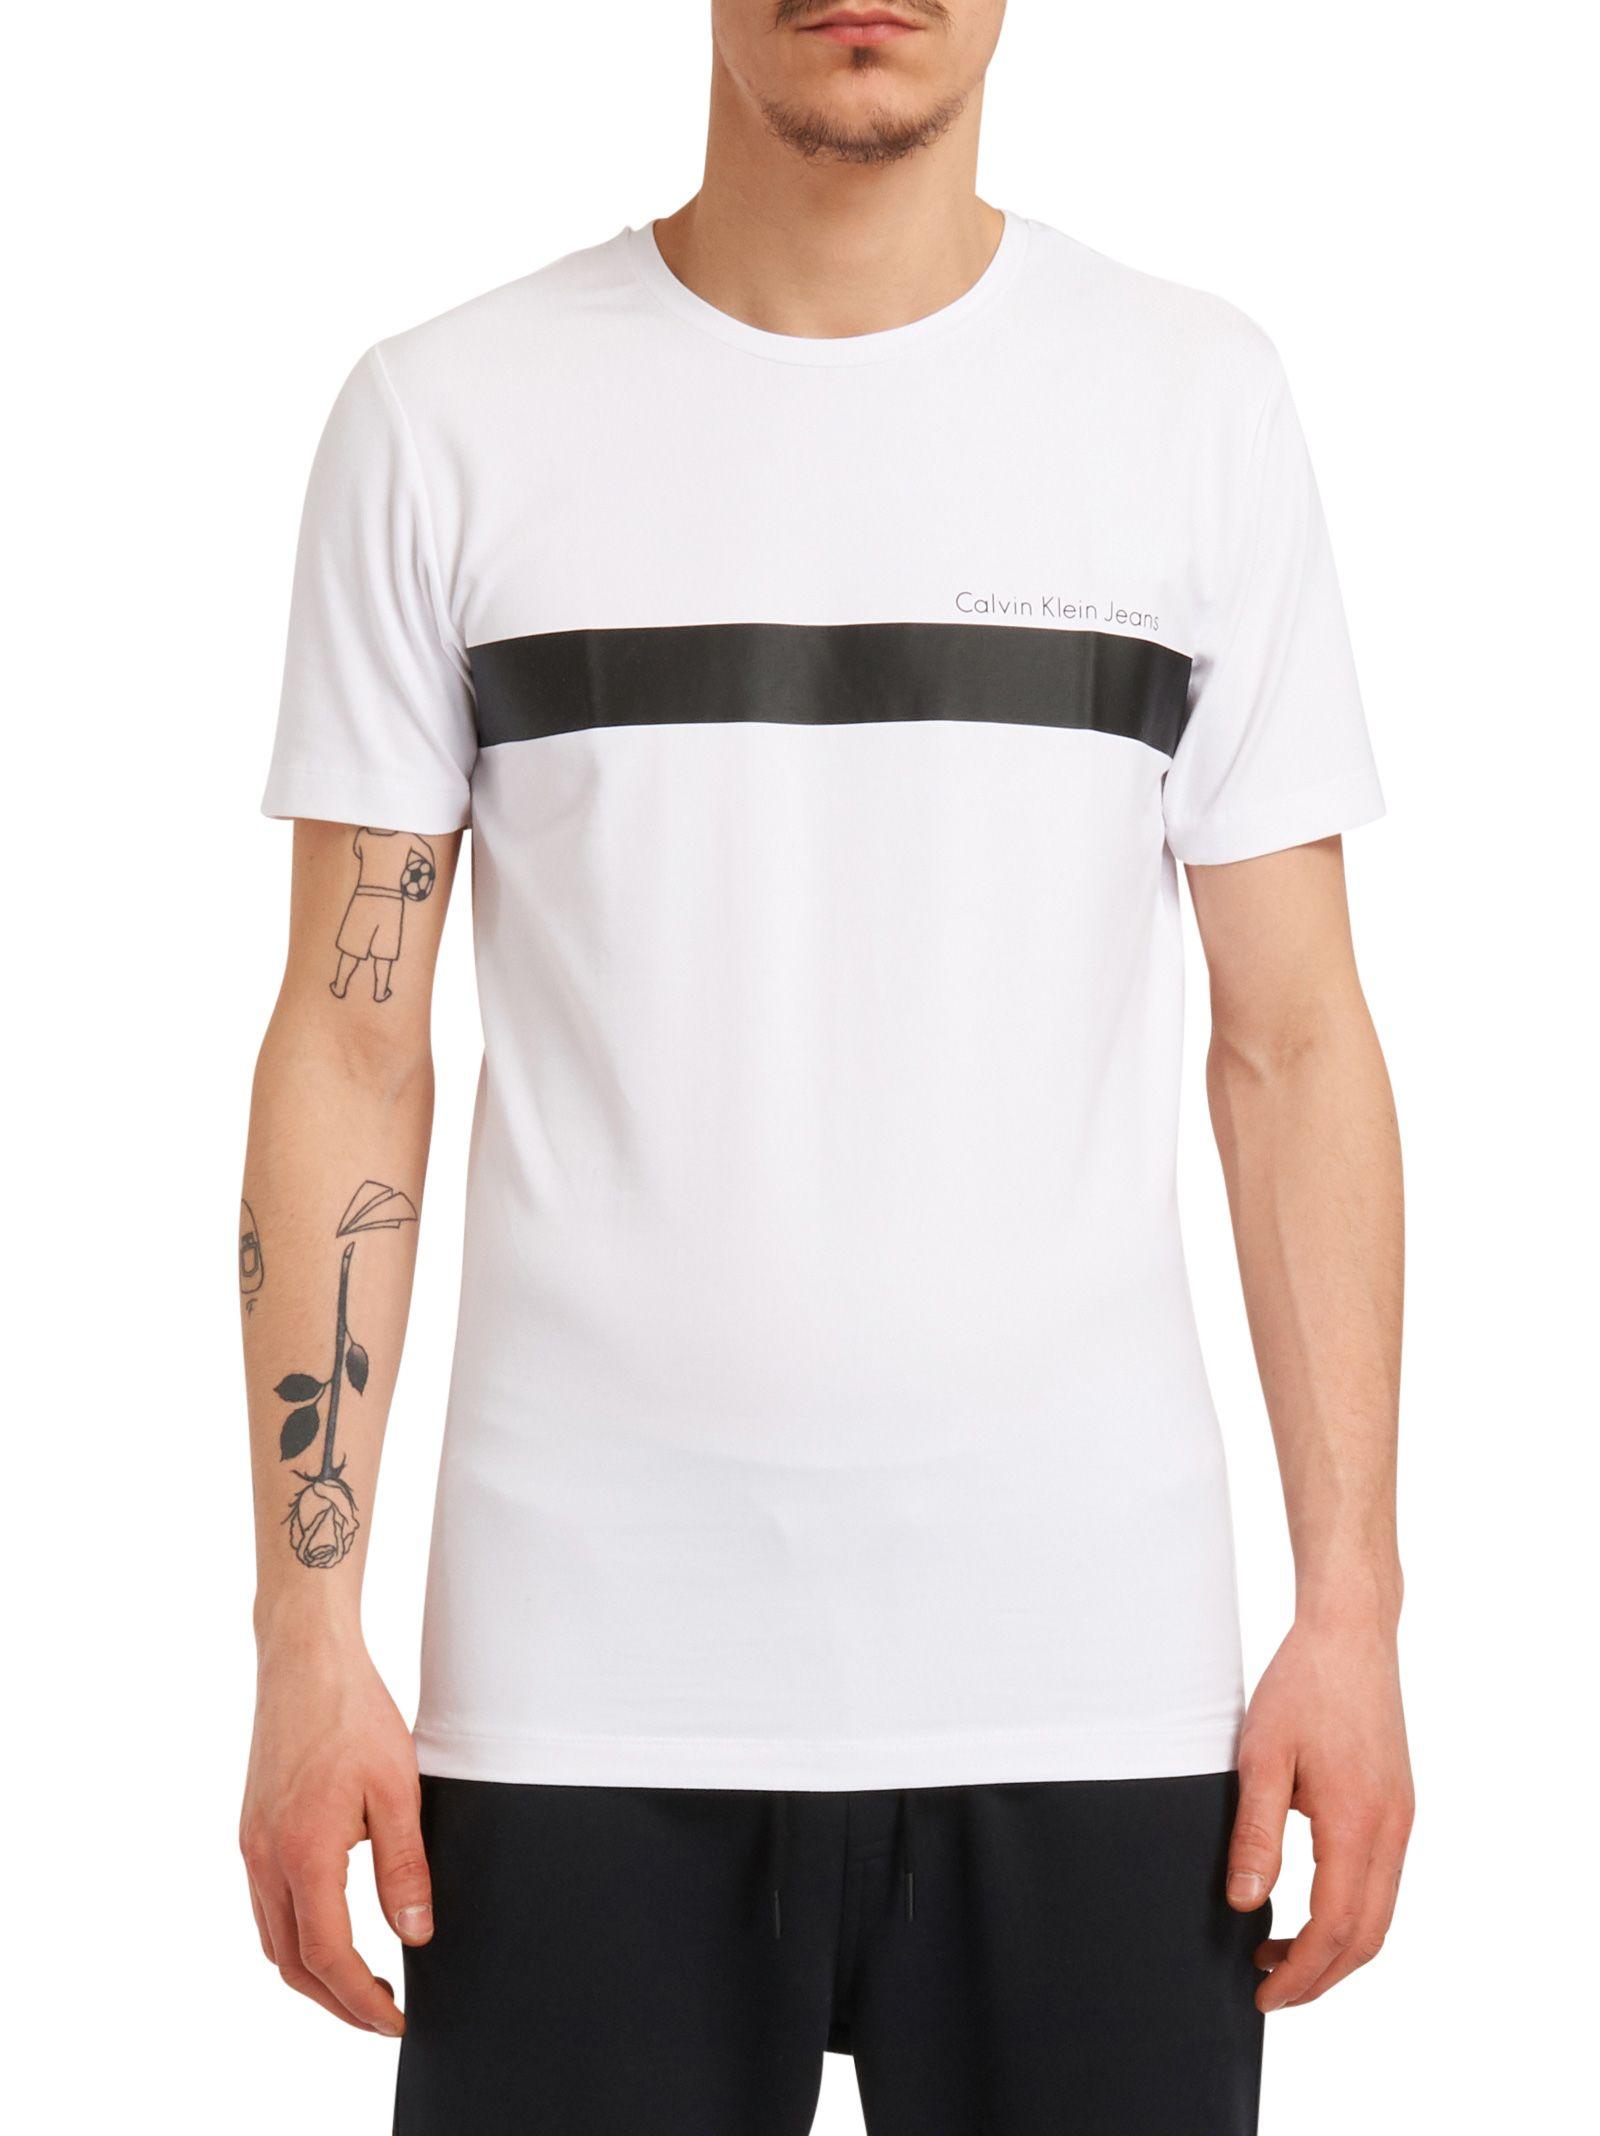 calvin Klein Jean T-shirt 10611176